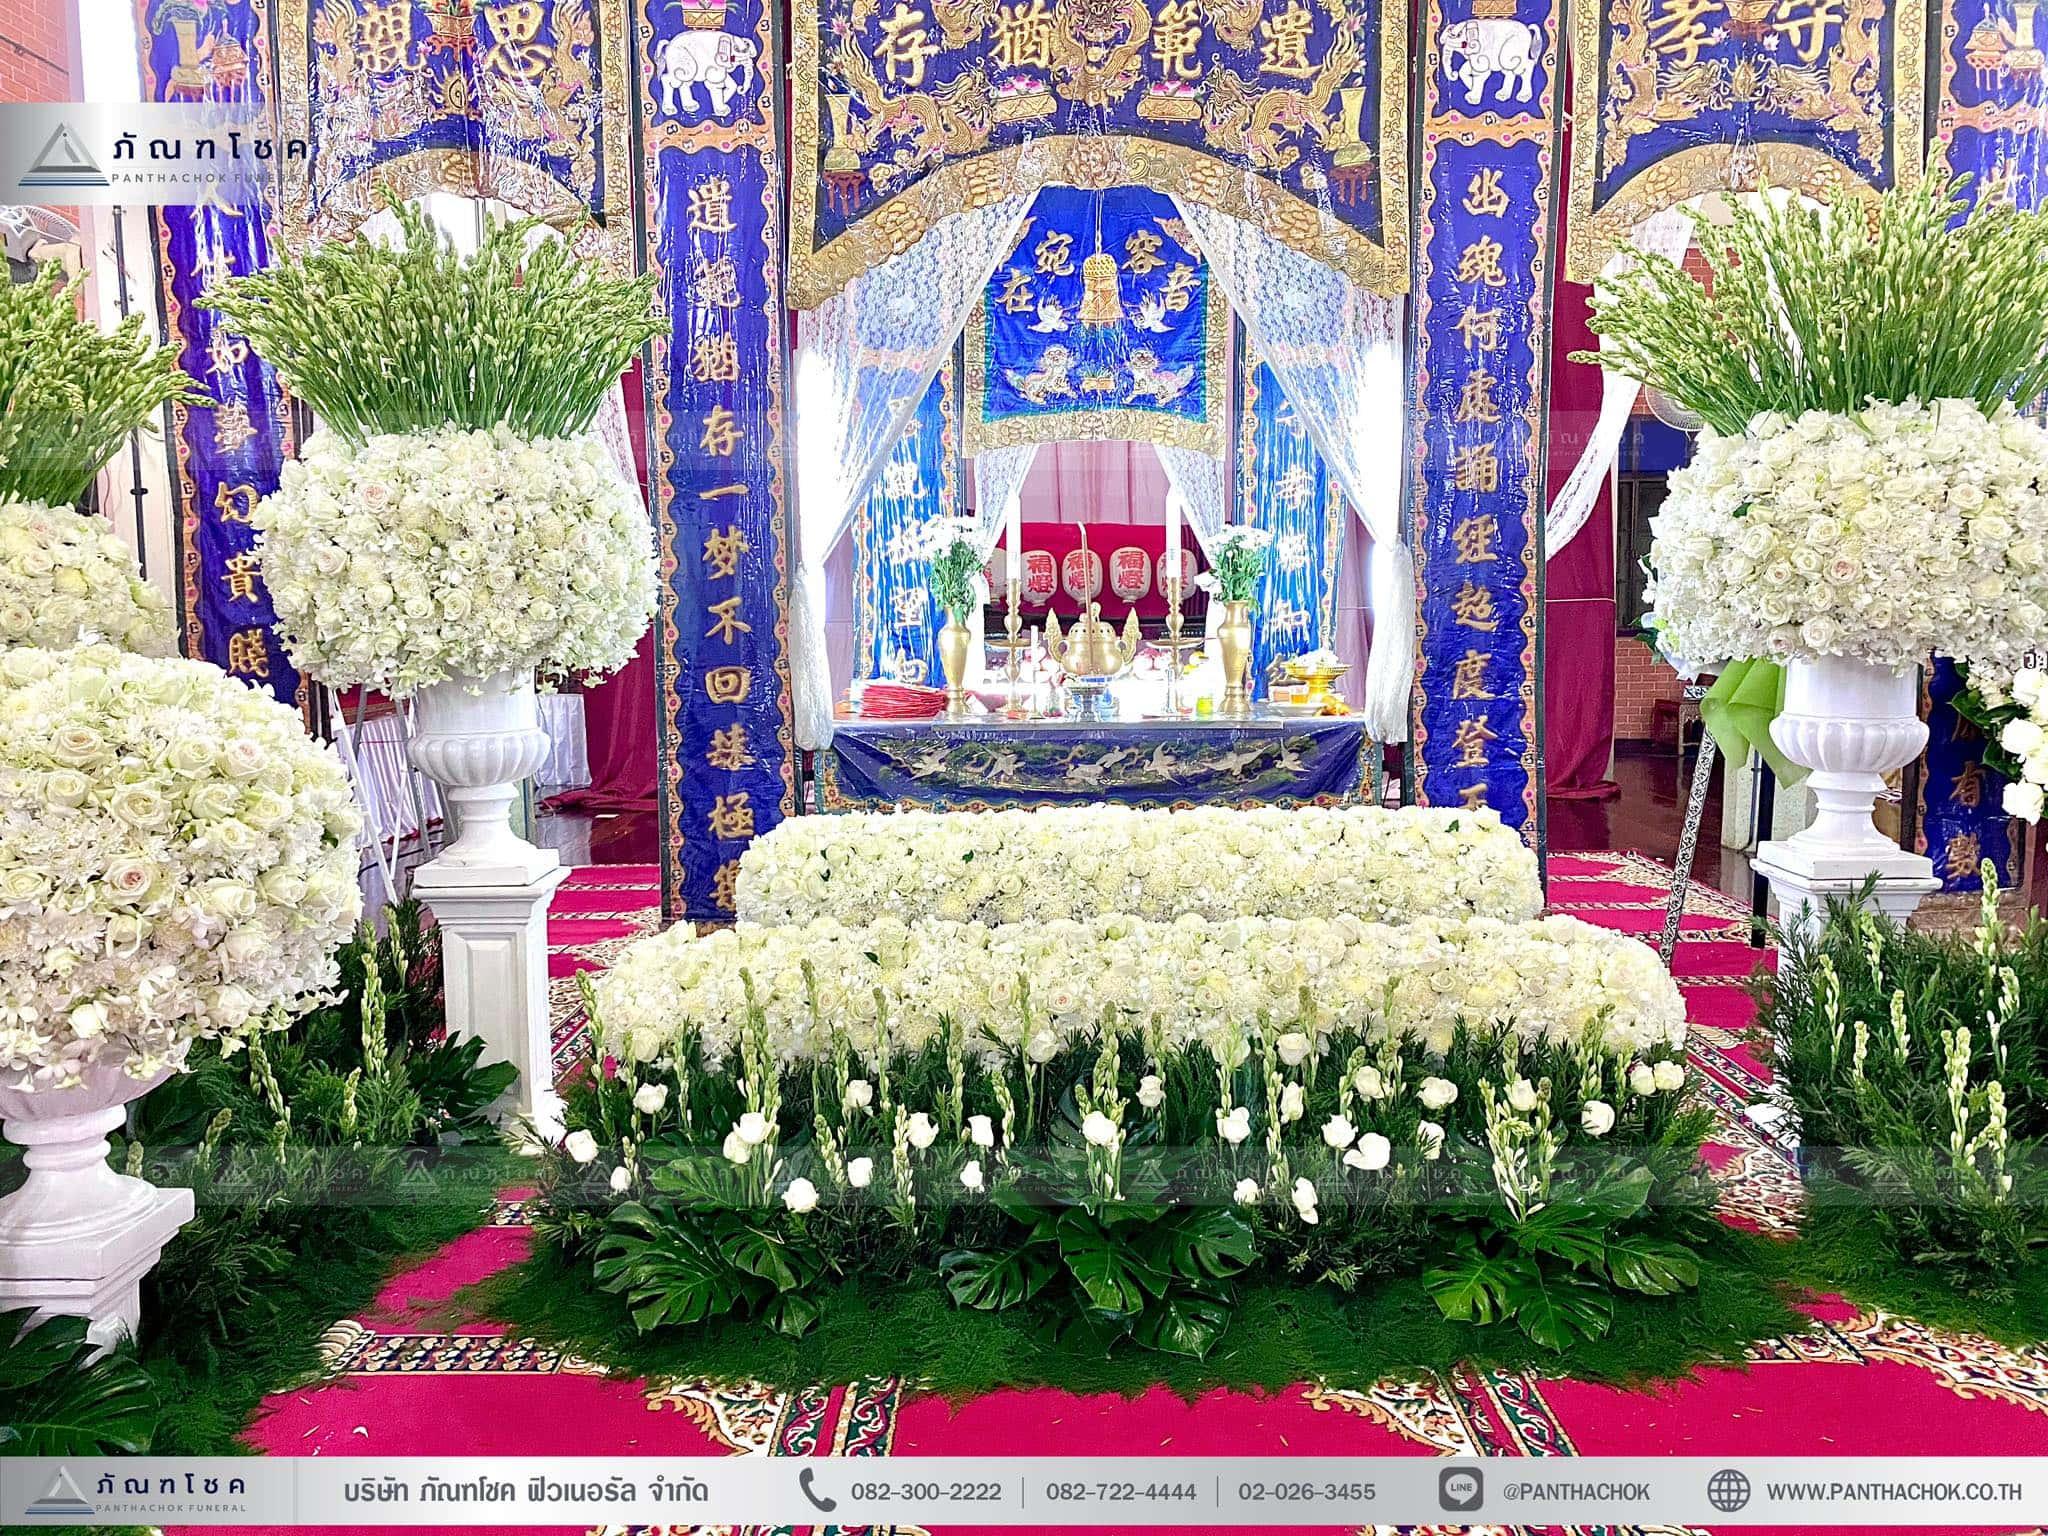 ดอกไม้ประดับหน้าฉากกงเต๊ก ณ วัดลาดบัวหลวง พระนครศรีอยุธยา 3